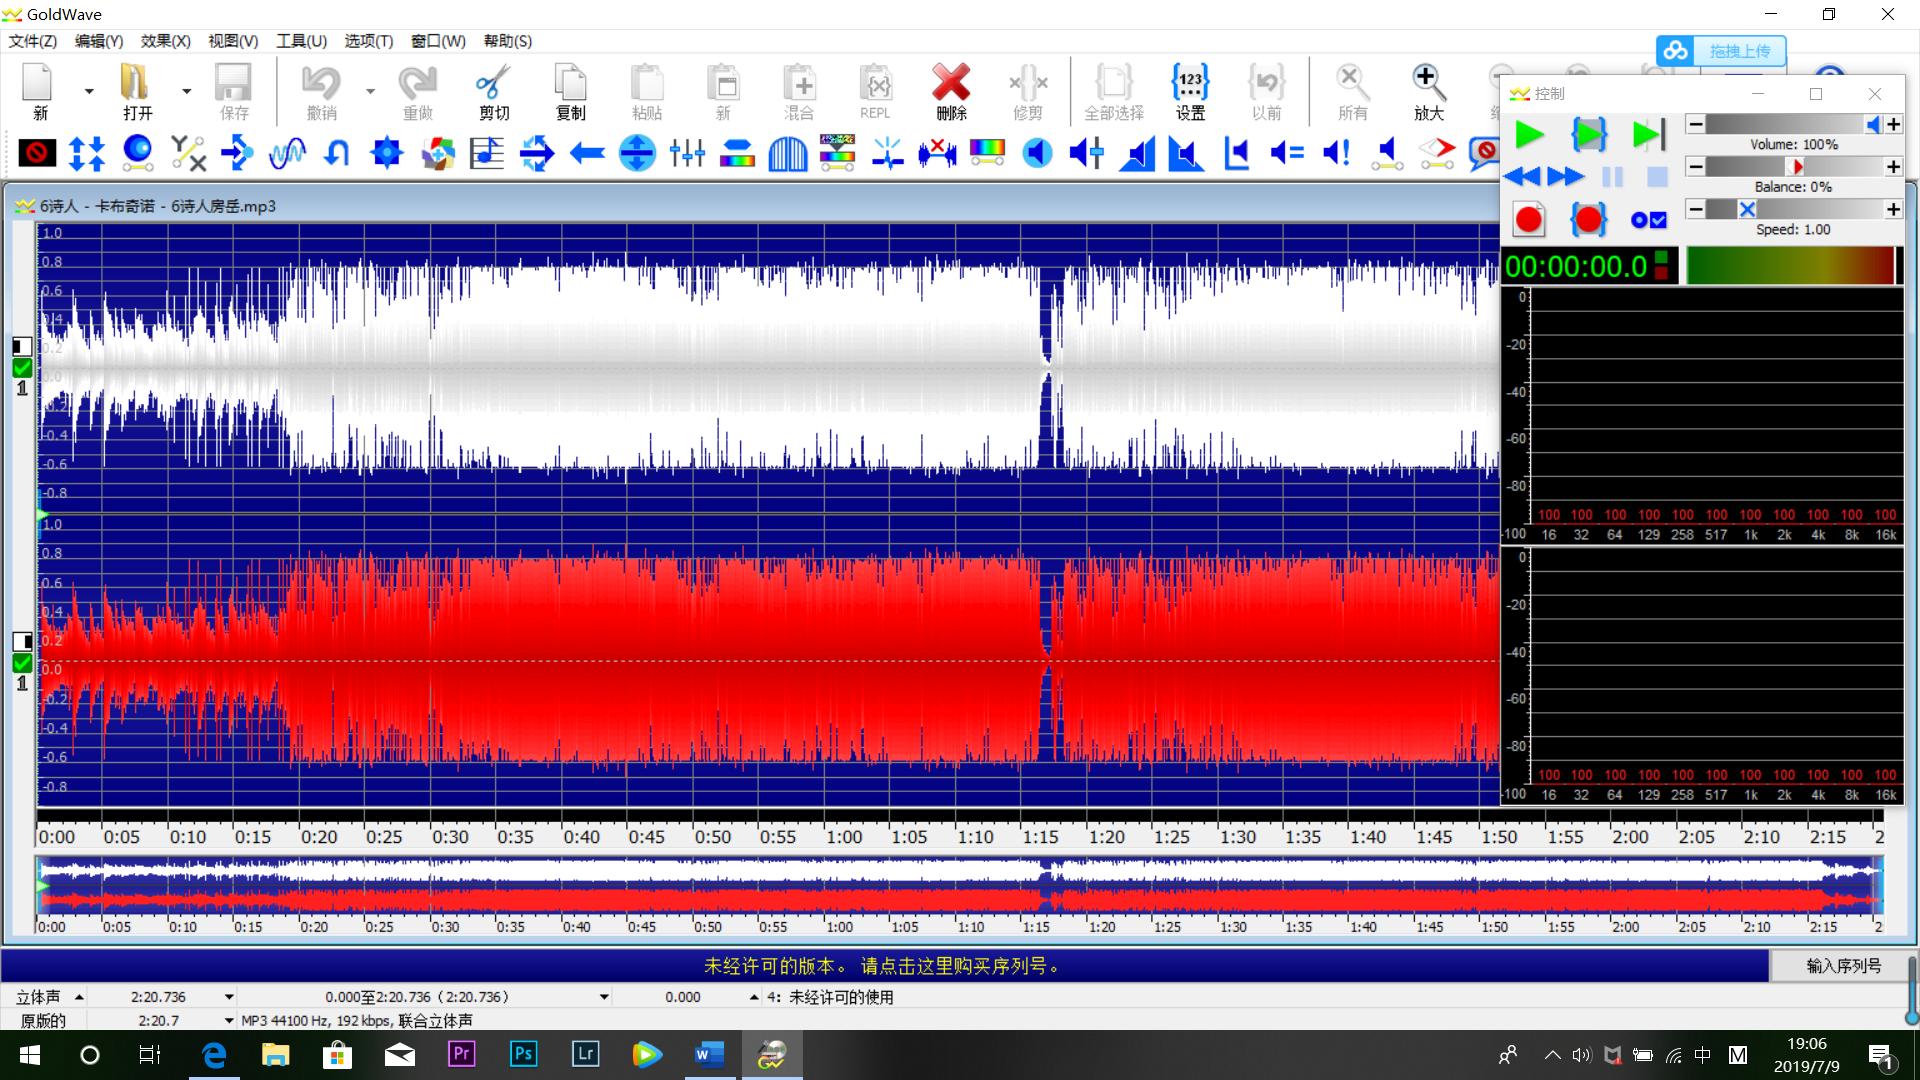 圖二:聲音頻道波形